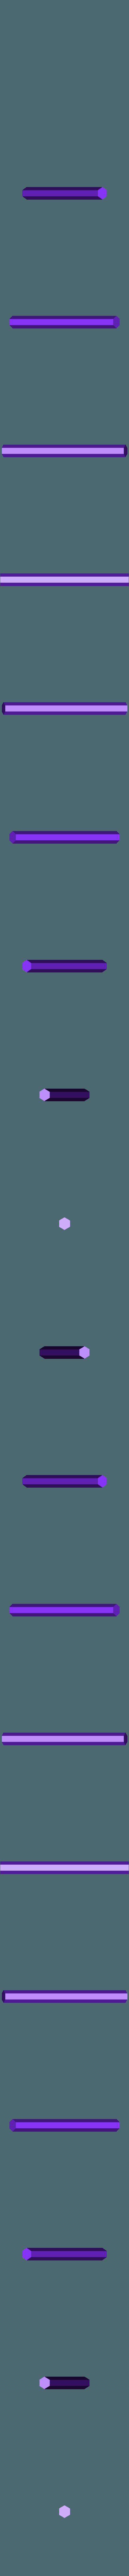 Axle_Main.stl Télécharger fichier STL gratuit Hélicoptère Pull, Push, Downhill Toy 2 • Design pour imprimante 3D, gzumwalt